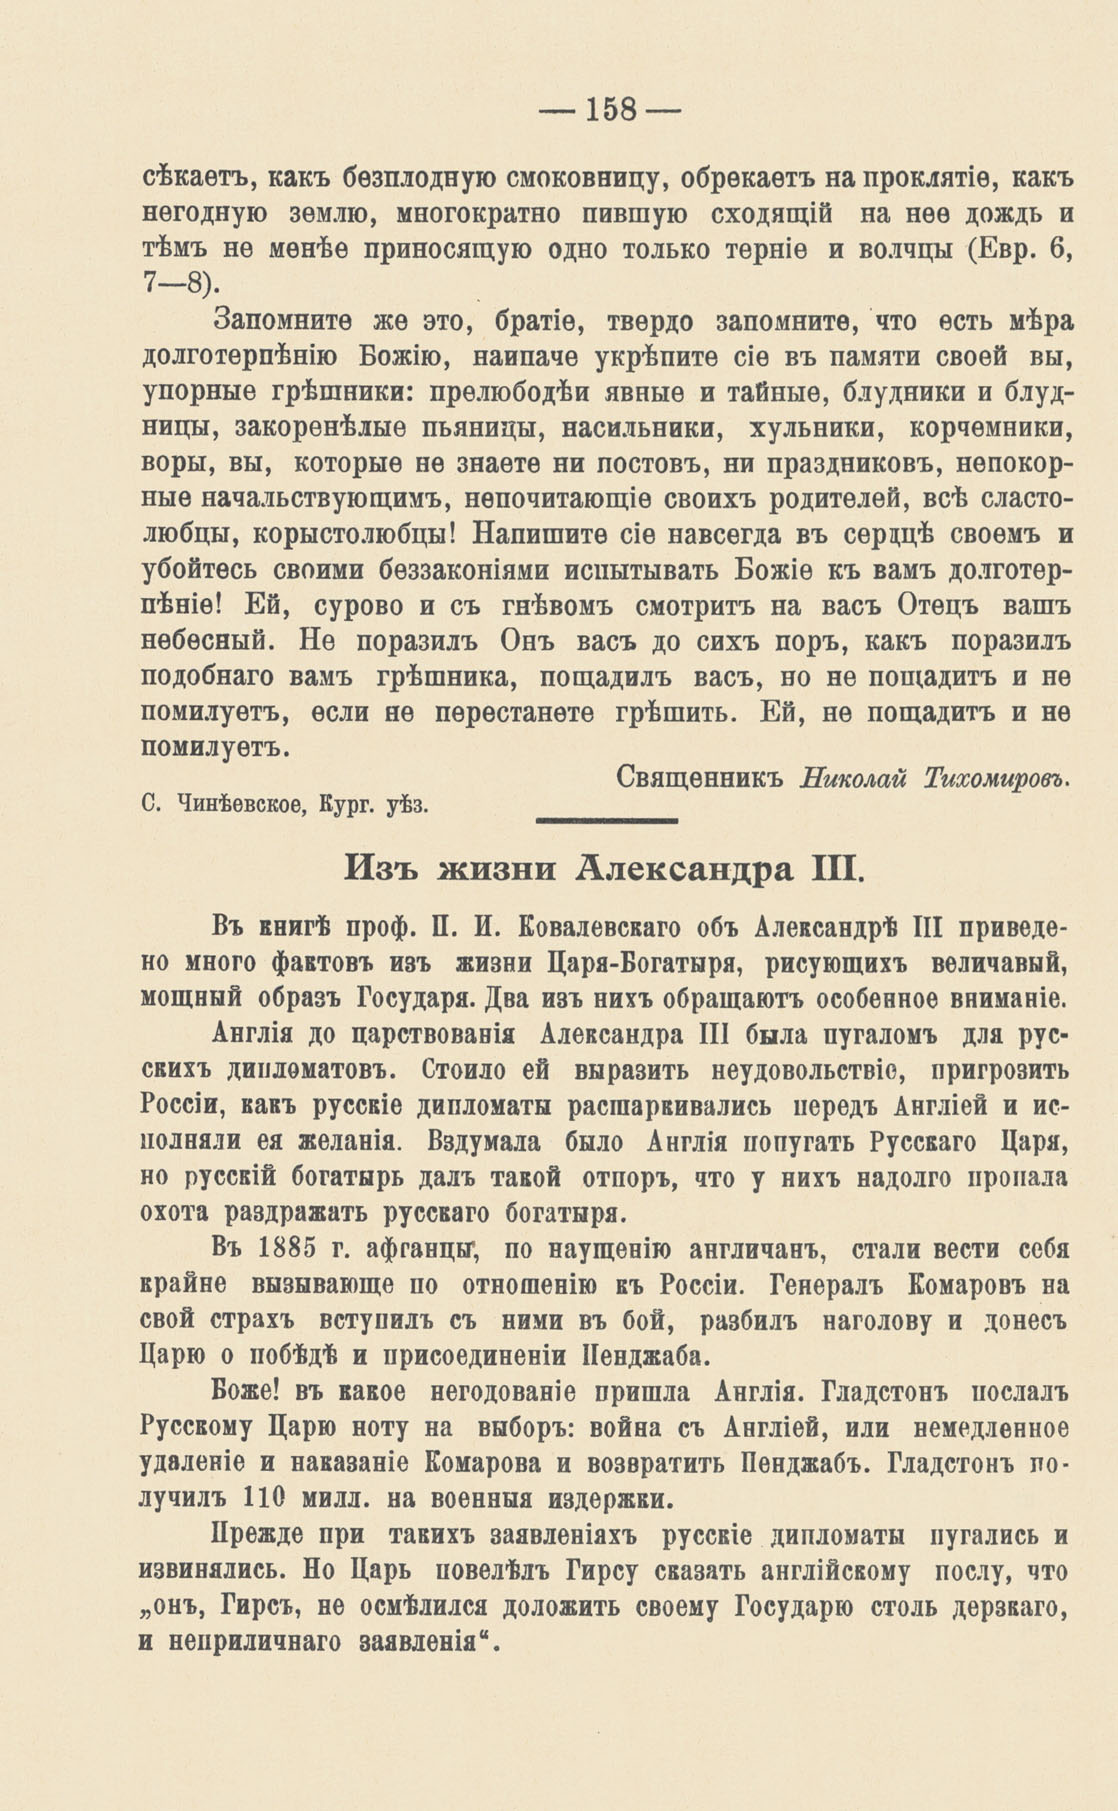 епархиальные ведомости_номер 1мо от вященника тихомирова_659 400